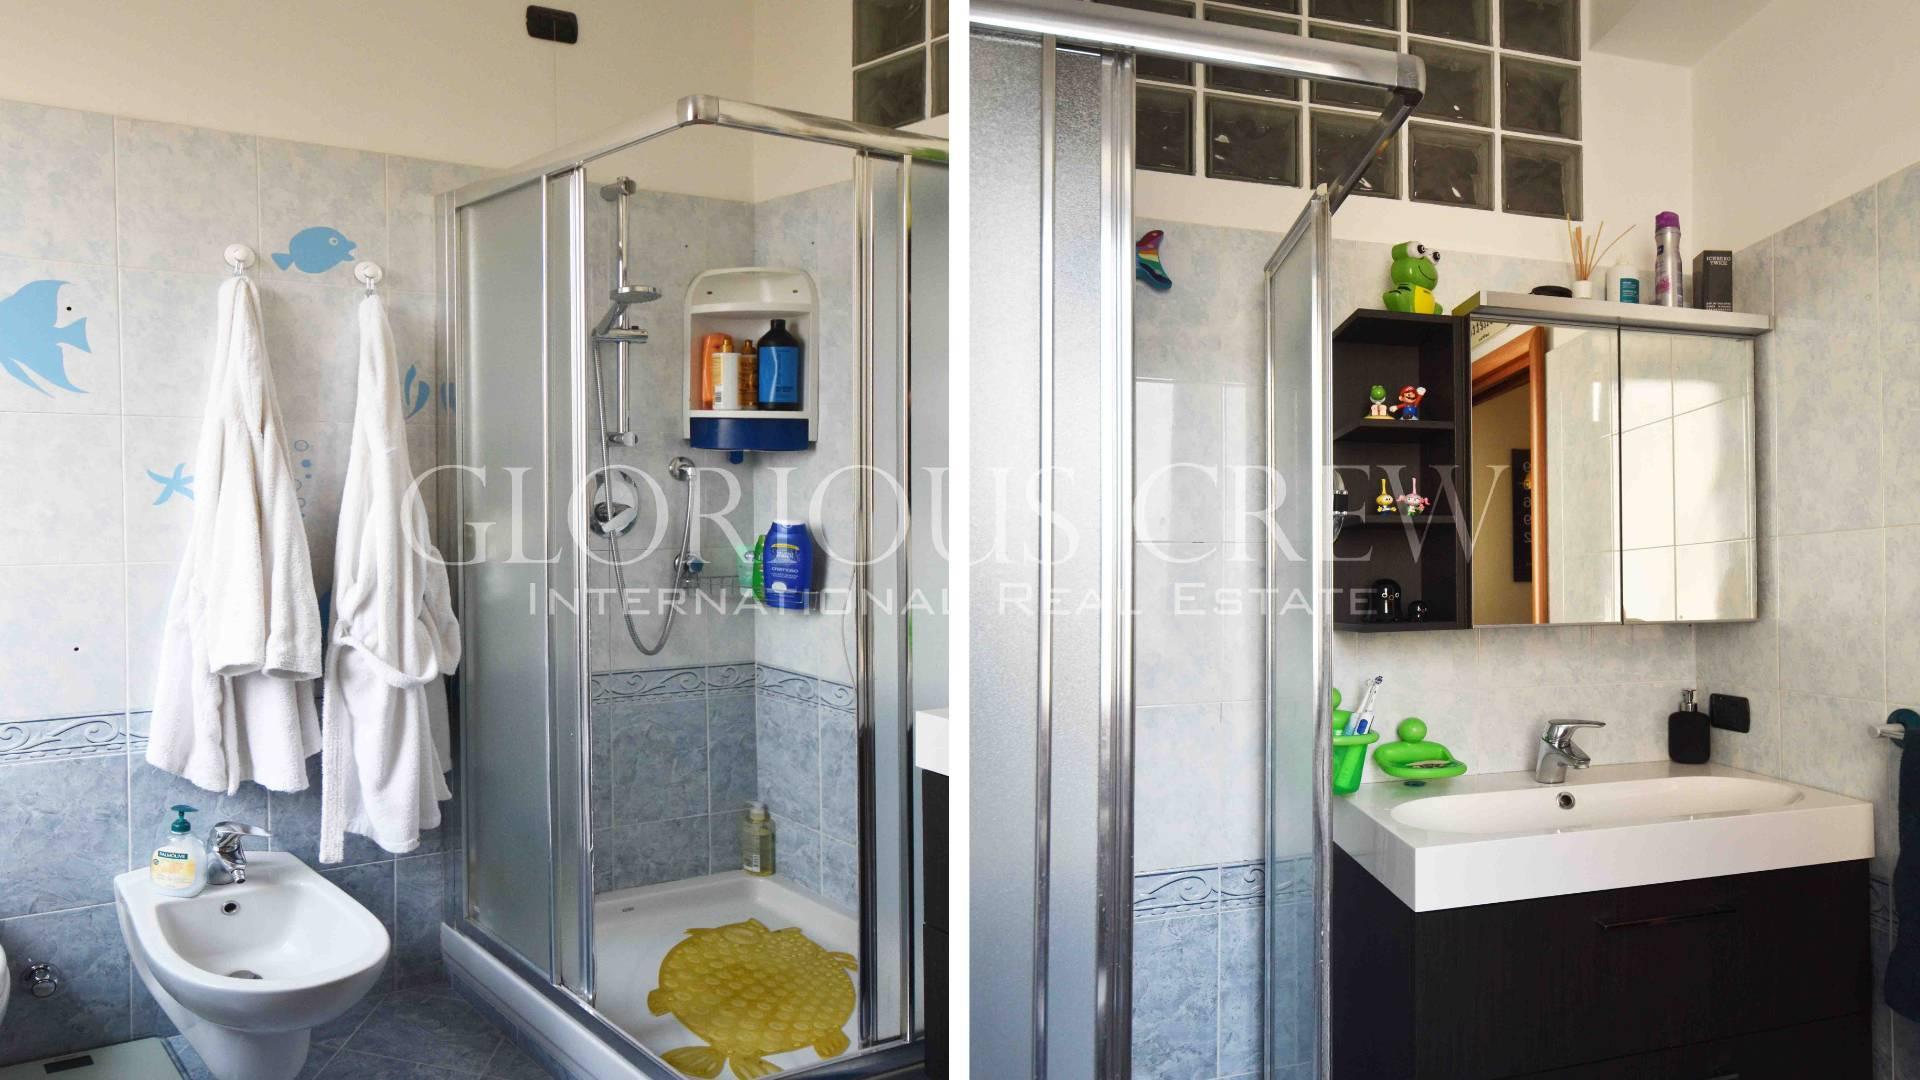 Appartamento in Vendita a Milano: 3 locali, 96 mq - Foto 14